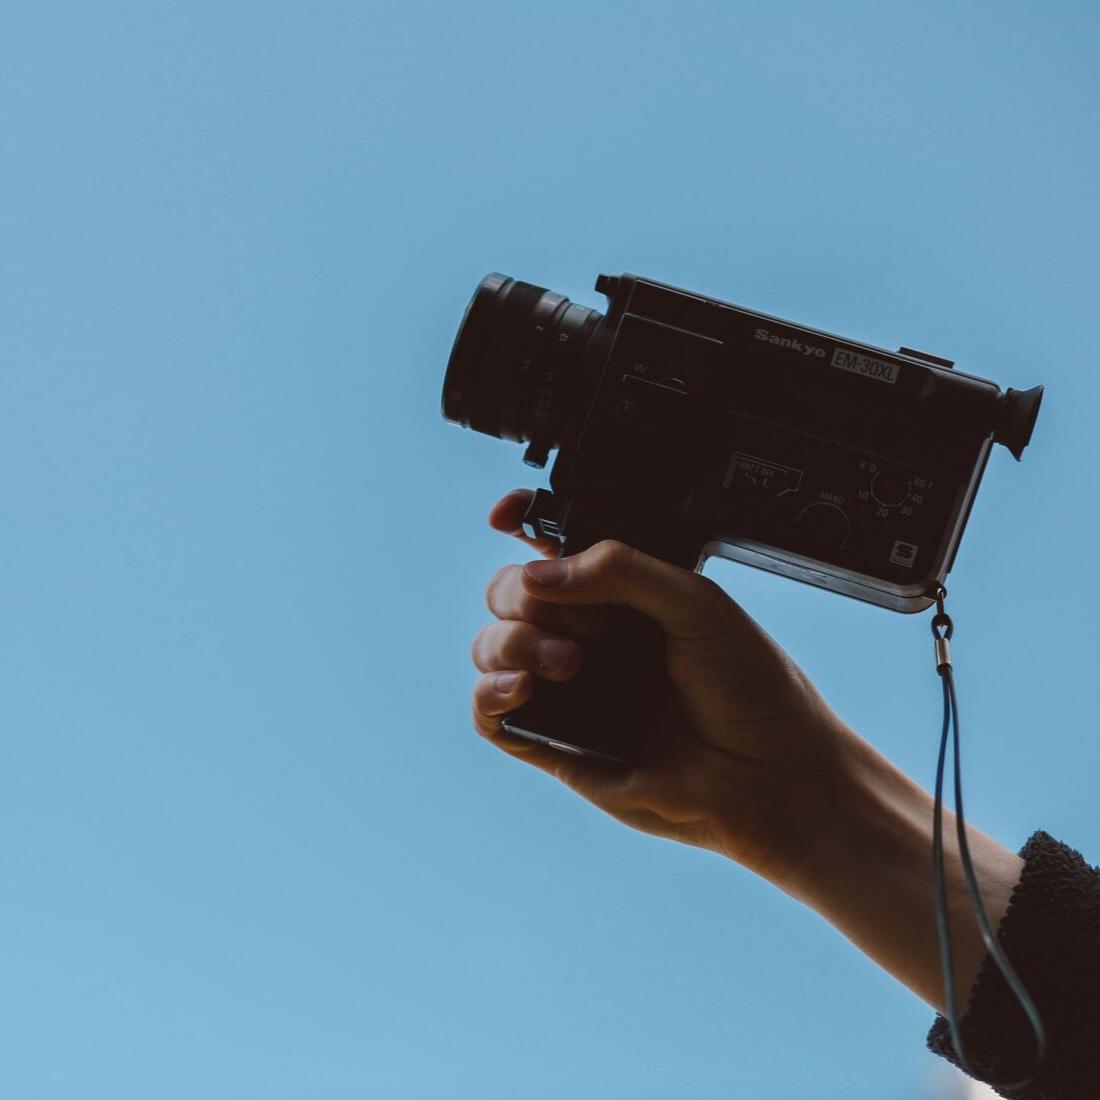 videoprodukce | promolab.cz